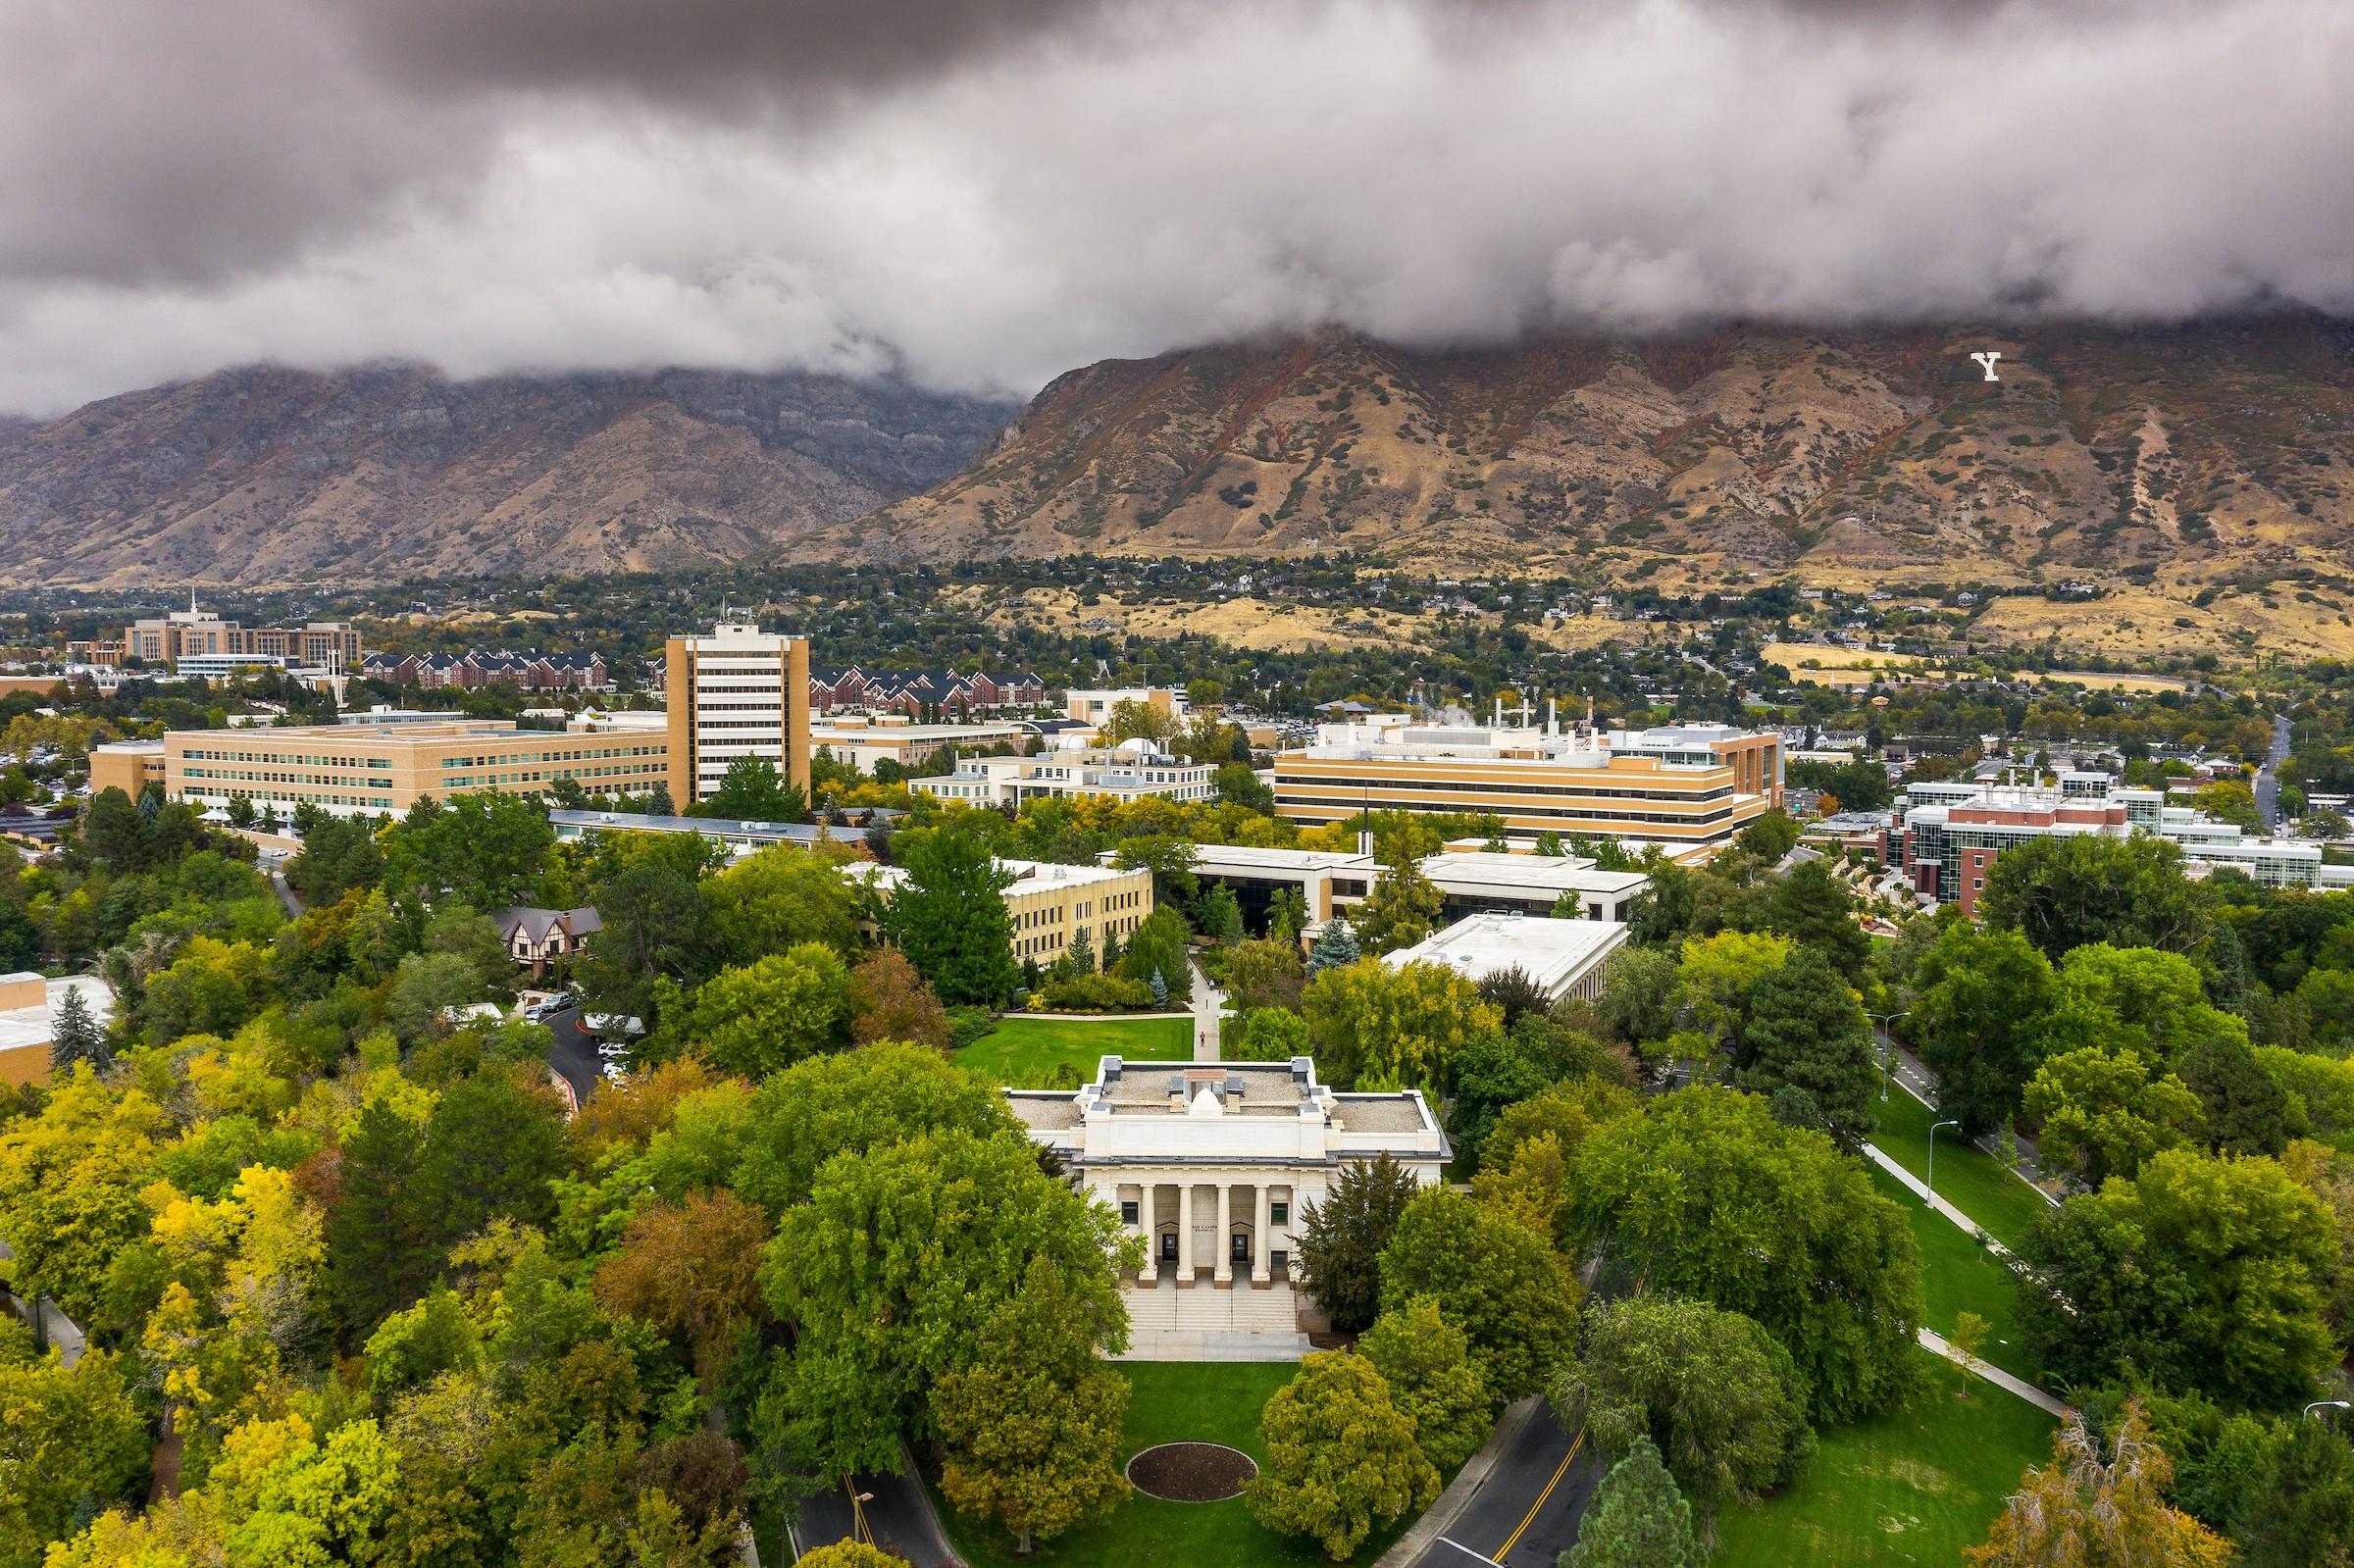 أفضل جامعات امريكا لدراسة المحاسبة في 2022